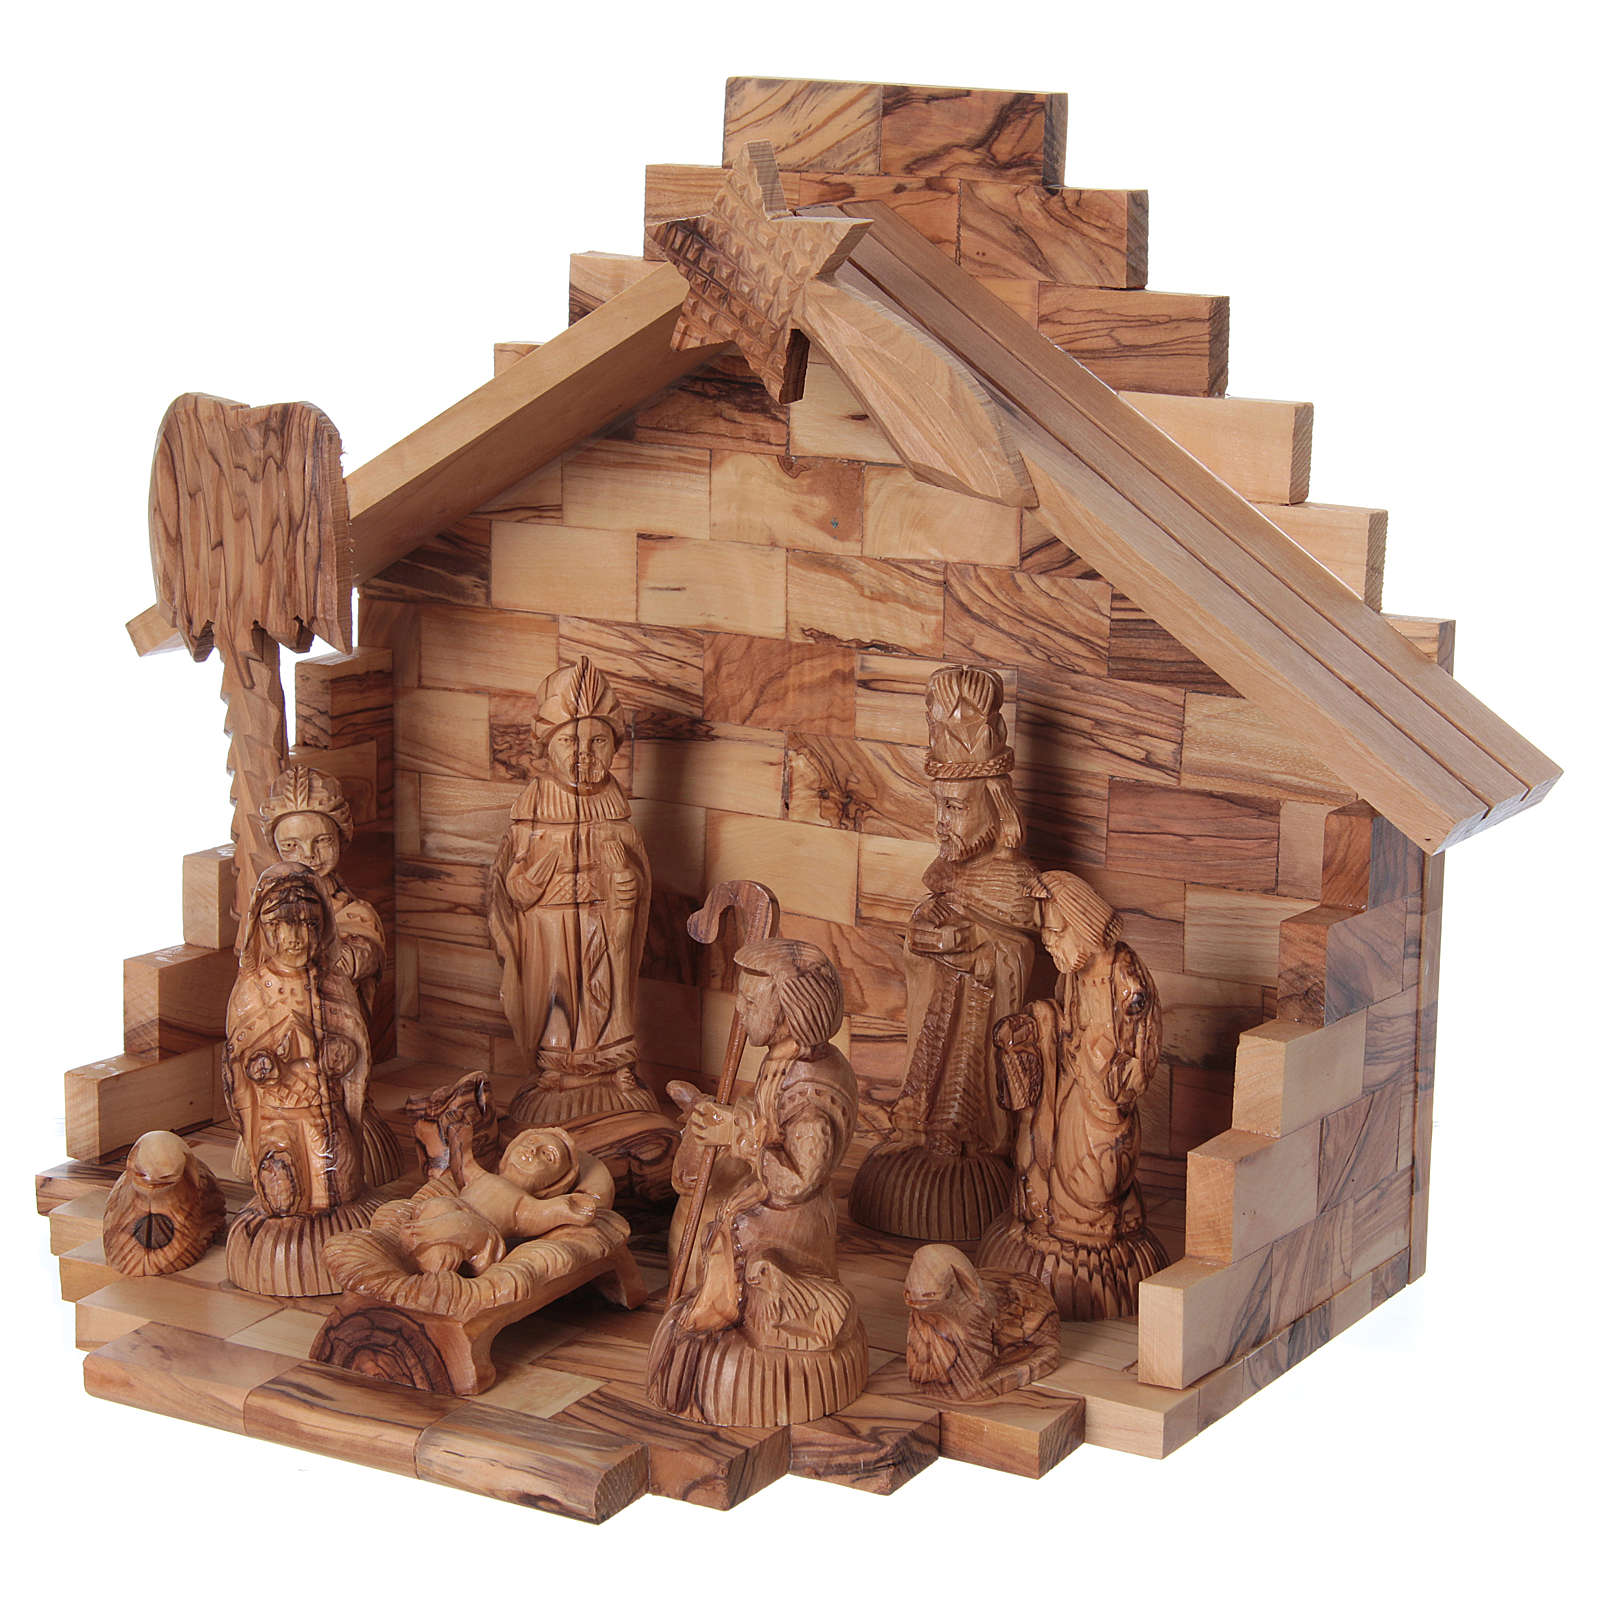 Portal Belén de Navidad con Nacimiento Completo Madera de Olivo de Belén 25 x 30 x 20 cm 4